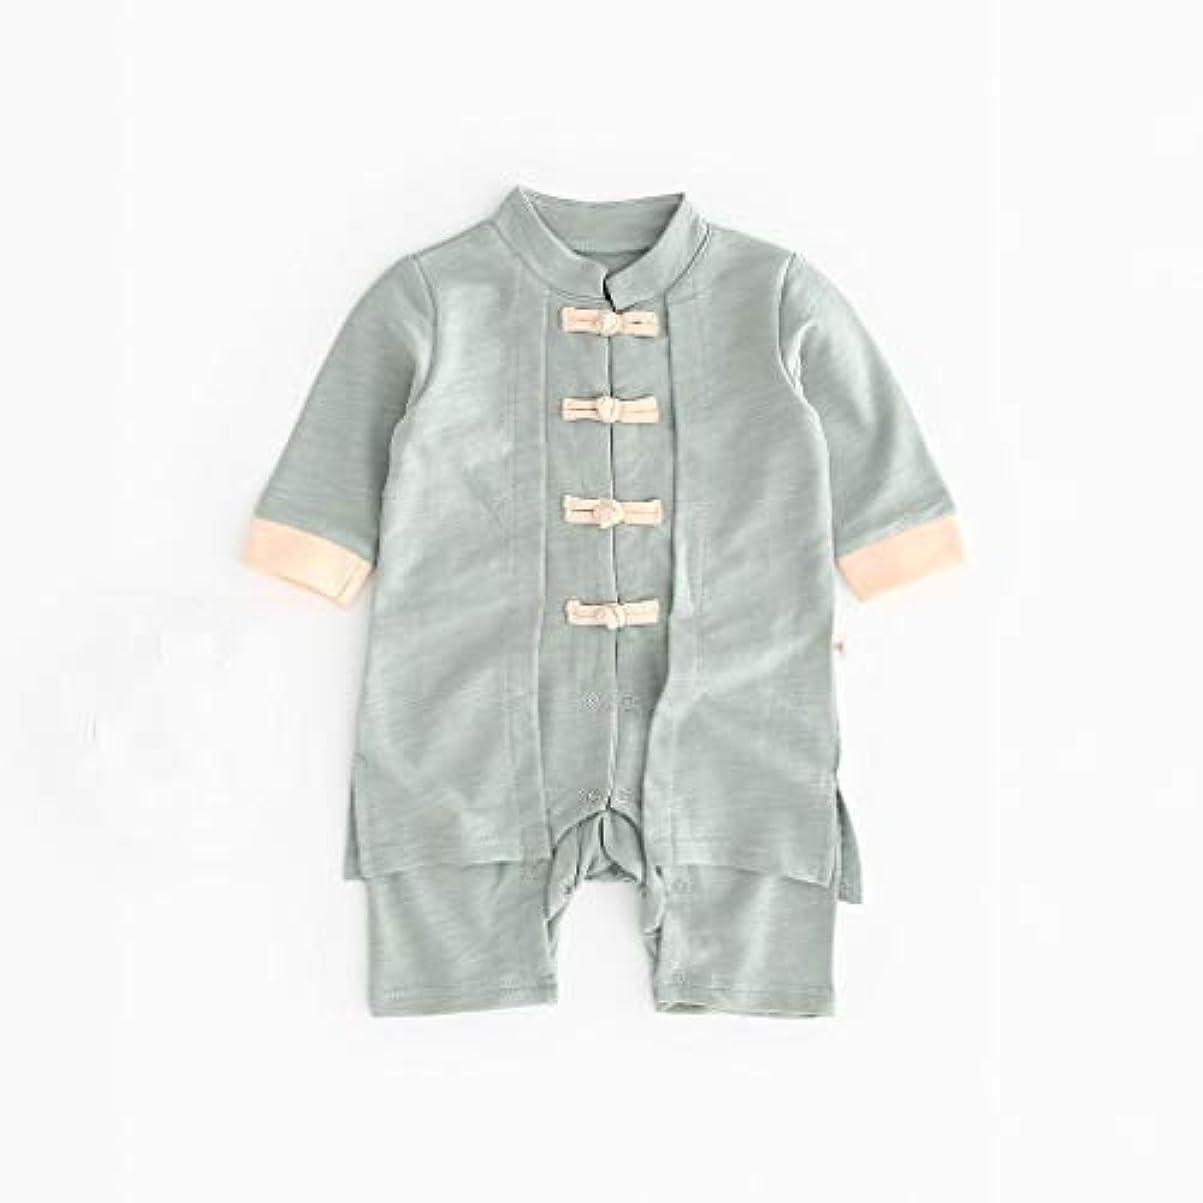 ご近所スカイオープナーかわいいボタン漢風生まれたばかりの赤ちゃん男の子女の子ボタン固体ロンパースジャンプスーツ着物服パジャマ女の子男の子レターストライプ長袖コットンロンパースジャンプスーツ